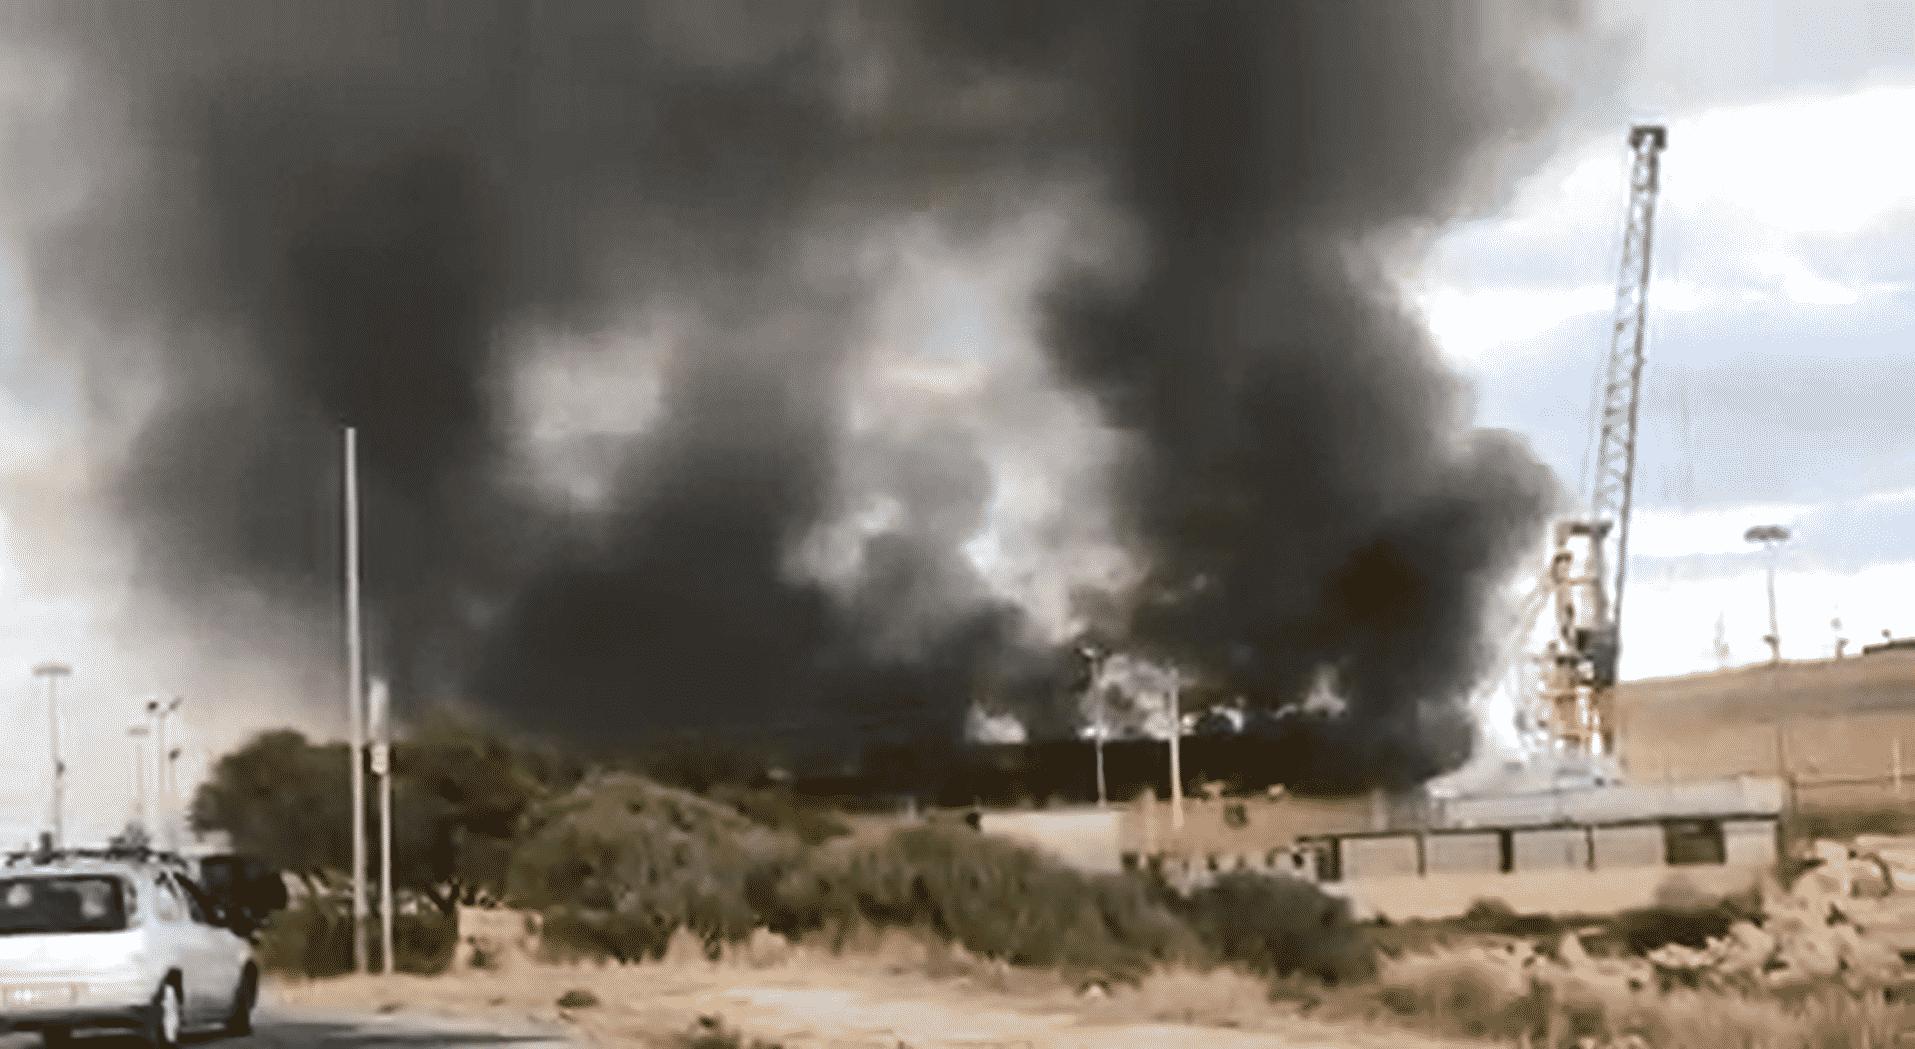 Rivolta all'hotspot, danno fuoco ai materassi e causano incendio: 35 migranti in fuga – FOTO e VIDEO